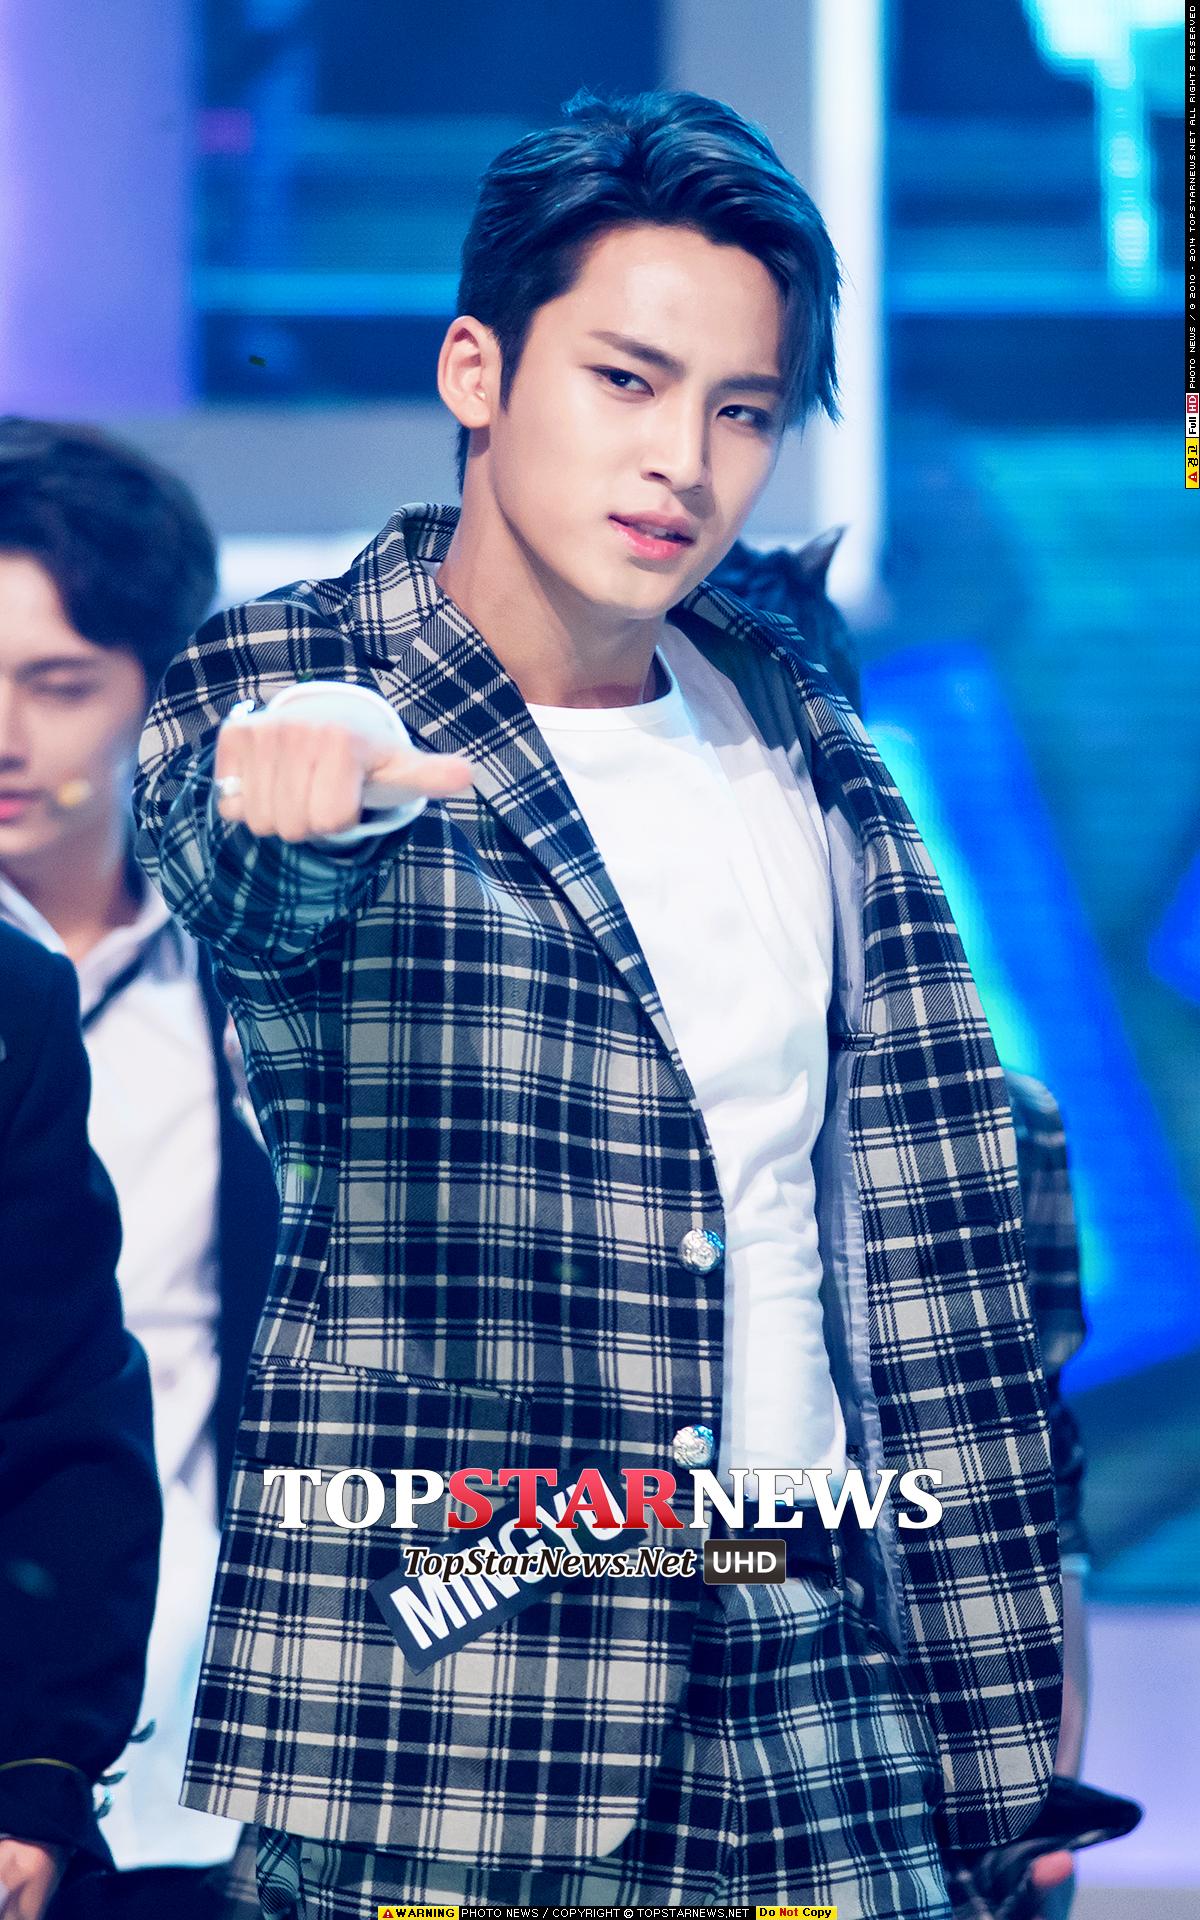 ►Seventeen 珉奎 -「感覺沒什麼節奏感。」 Seventeen的韓國粉絲整個大怒啊!說什麼沒有節奏感會不會太過分?